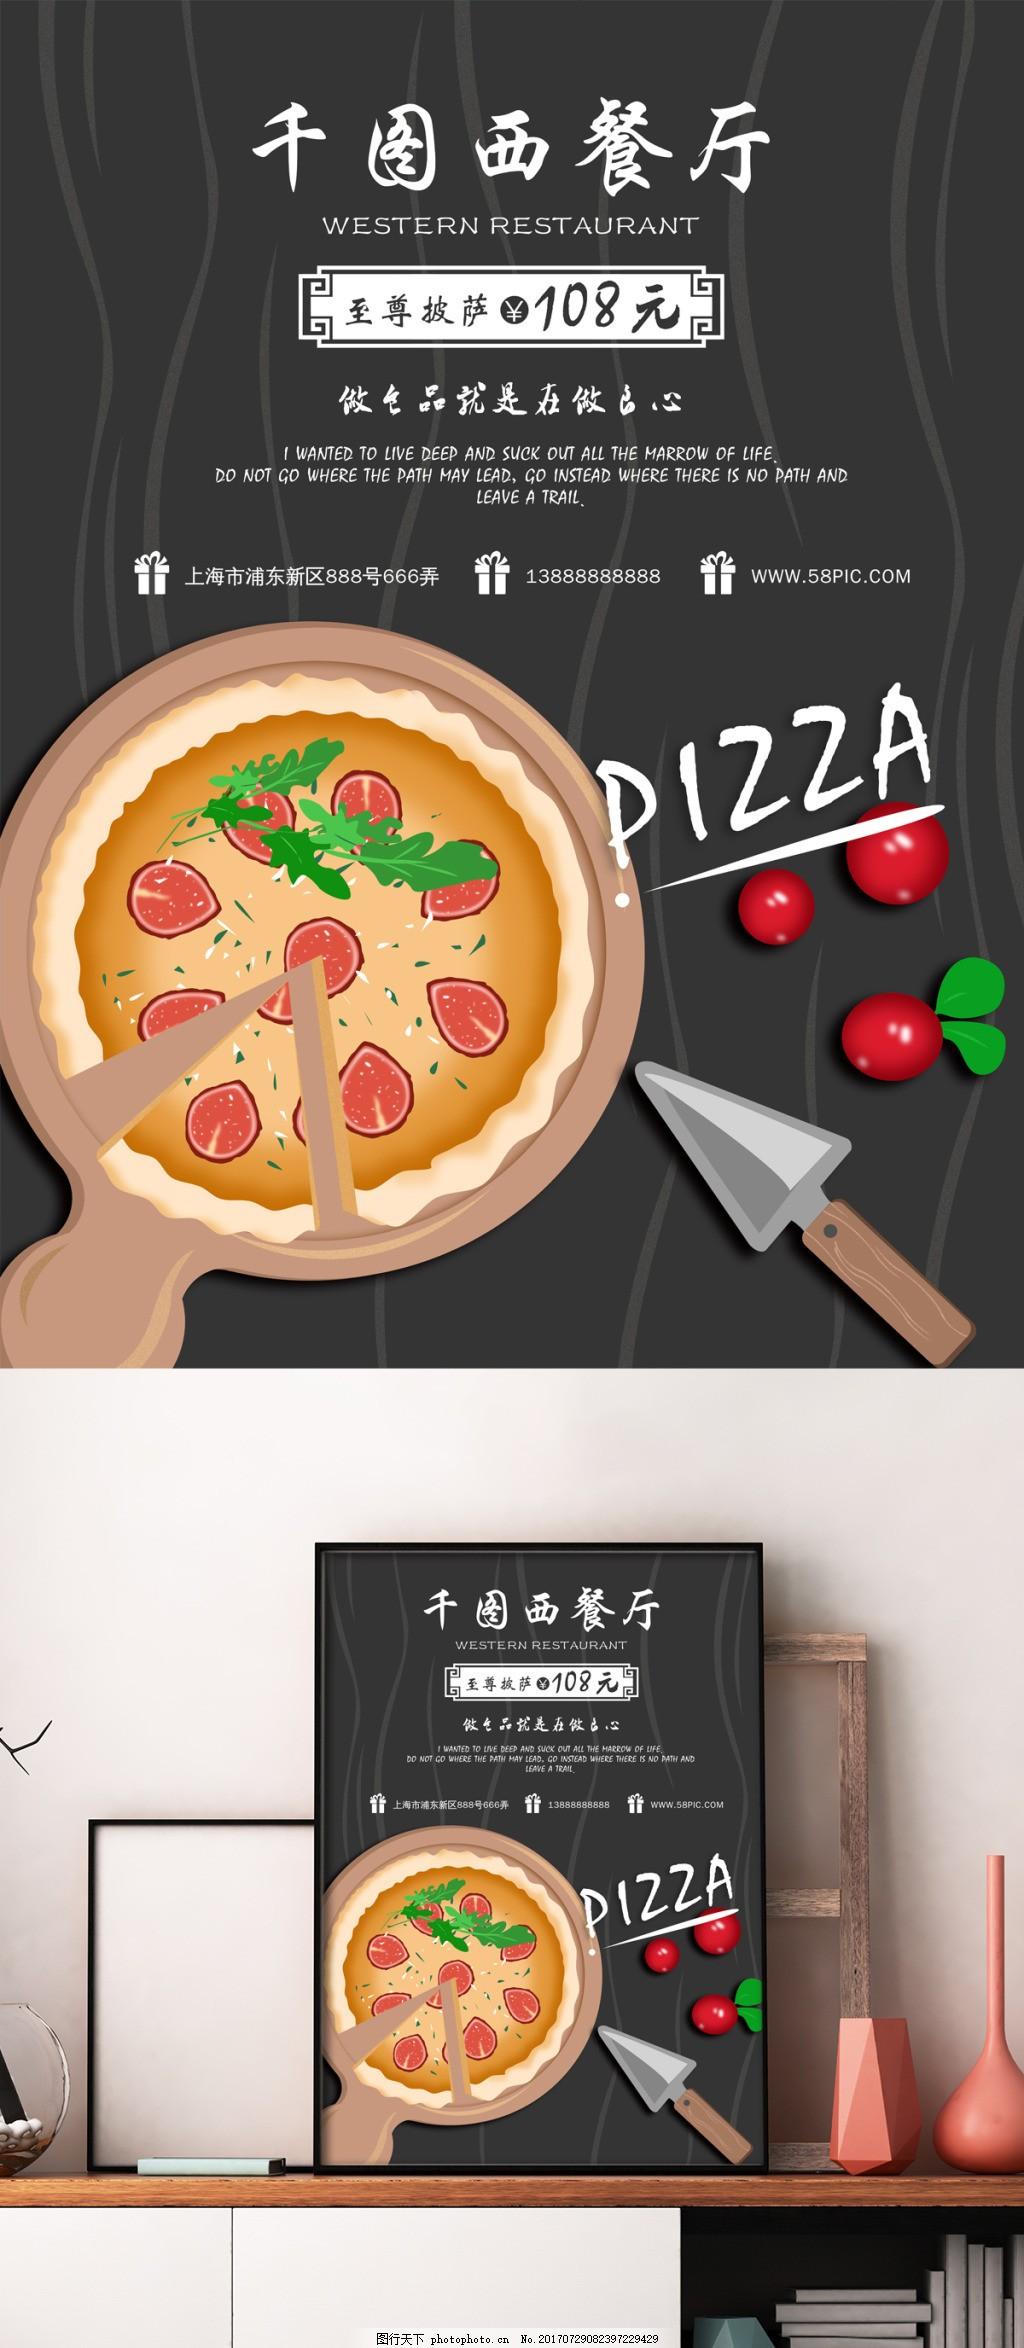 原创插画西餐美食宣传海报 插画海报 西餐海报 美食海报 海报模板